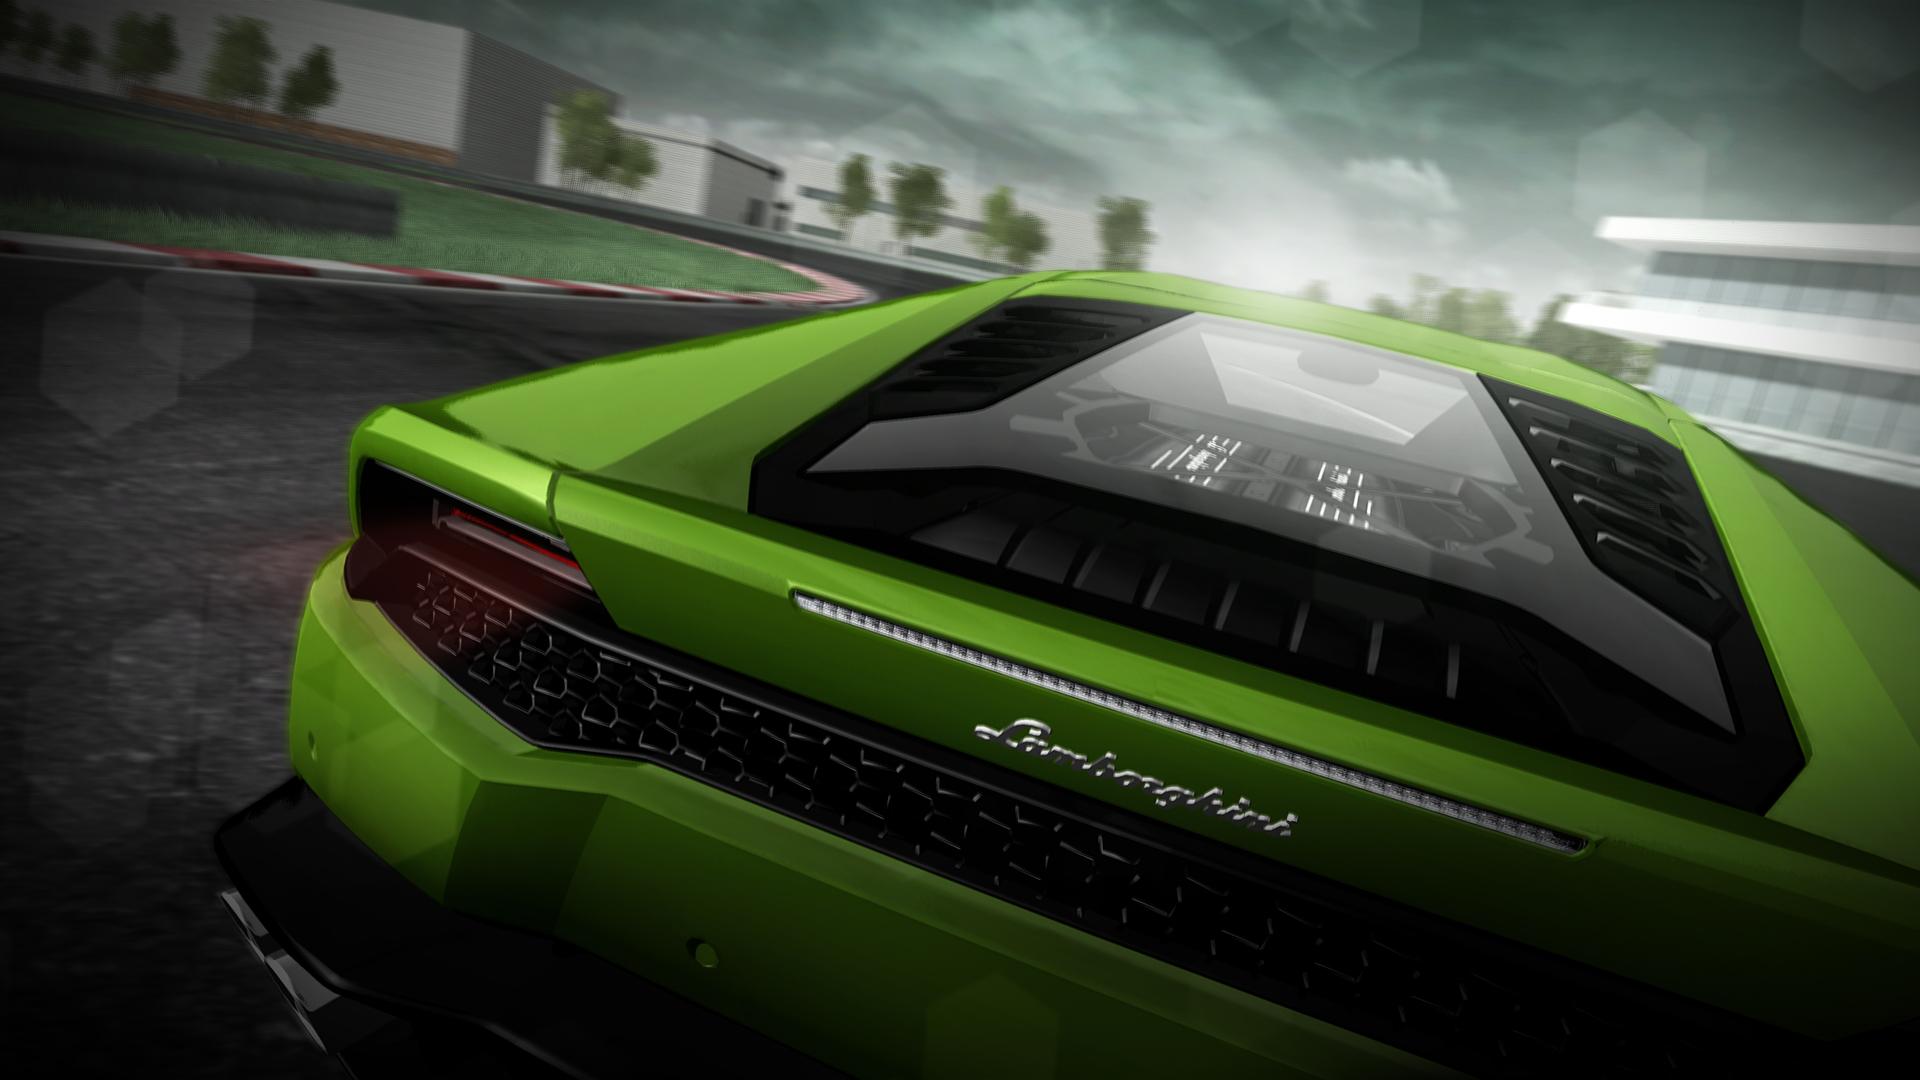 lamborghini huracan wallpaper - Lamborghini Huracan Hd Wallpaper